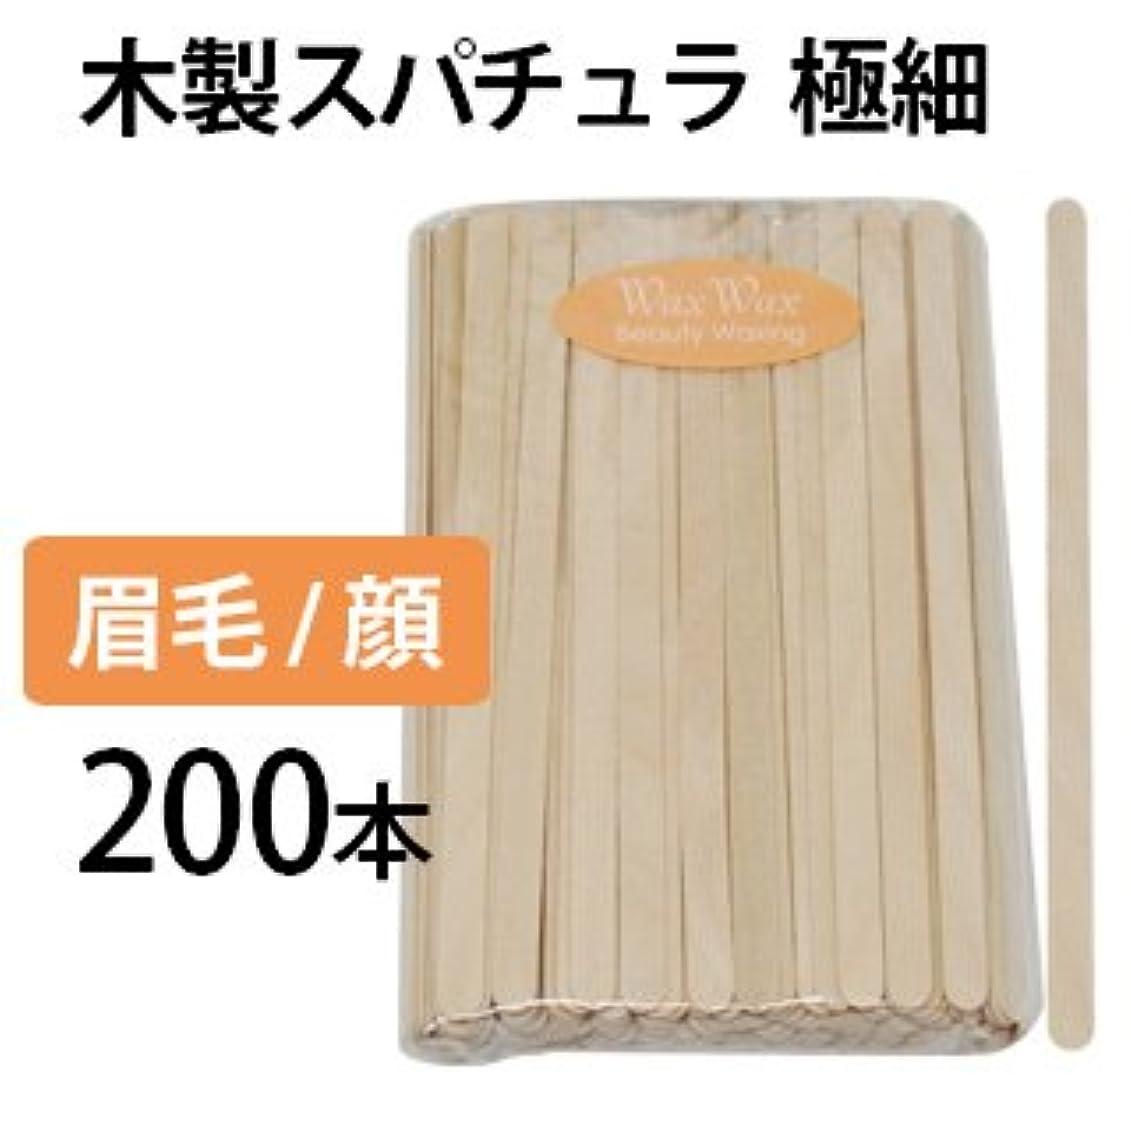 ピック以降ロバ眉毛 アイブロウ用スパチュラ 200本セット 極細 木製スパチュラ 使い捨て